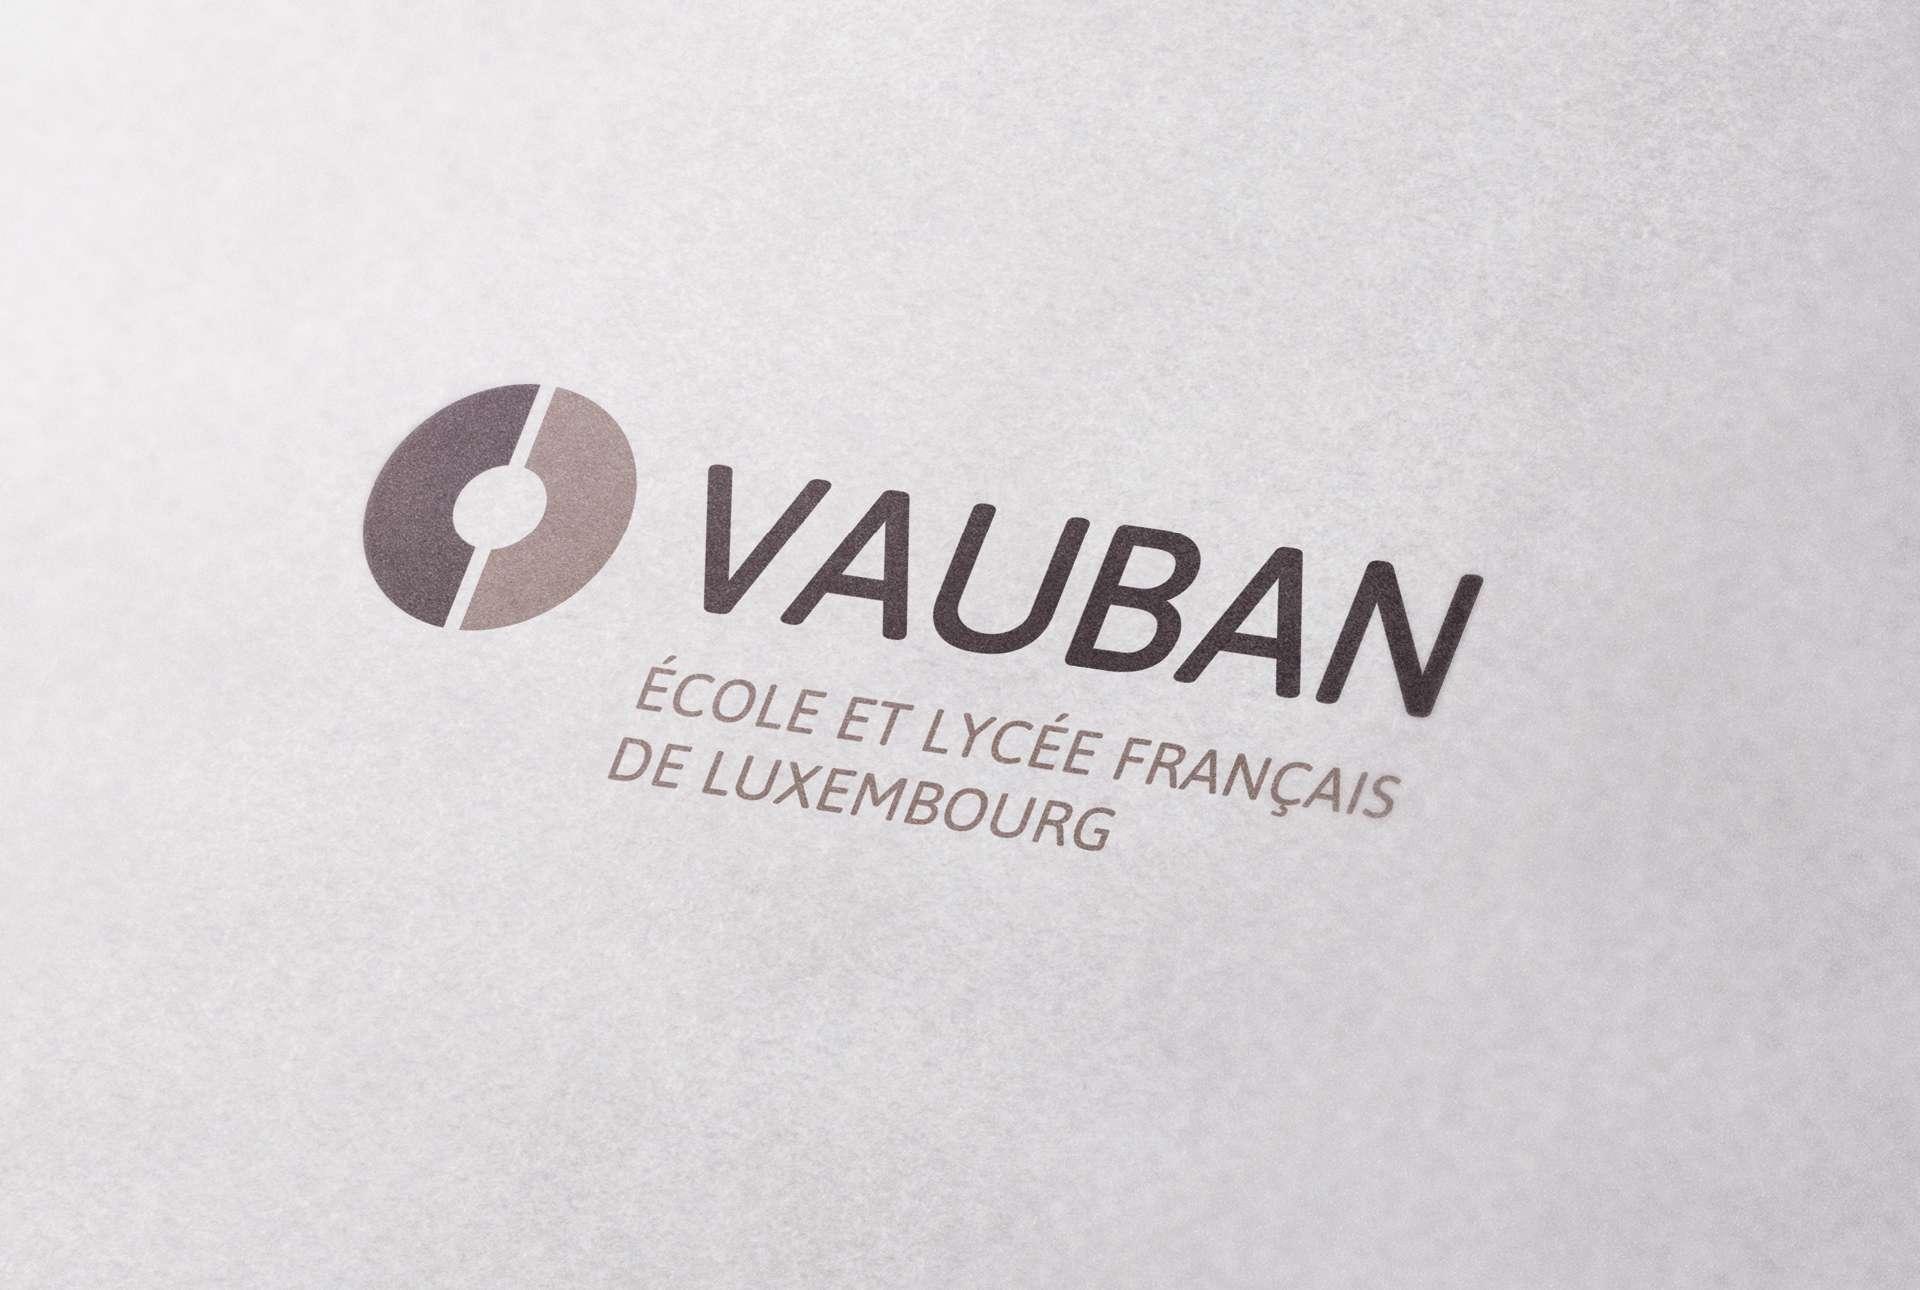 Identité visuelle de Vauban, école et lycée français de Luxembourg